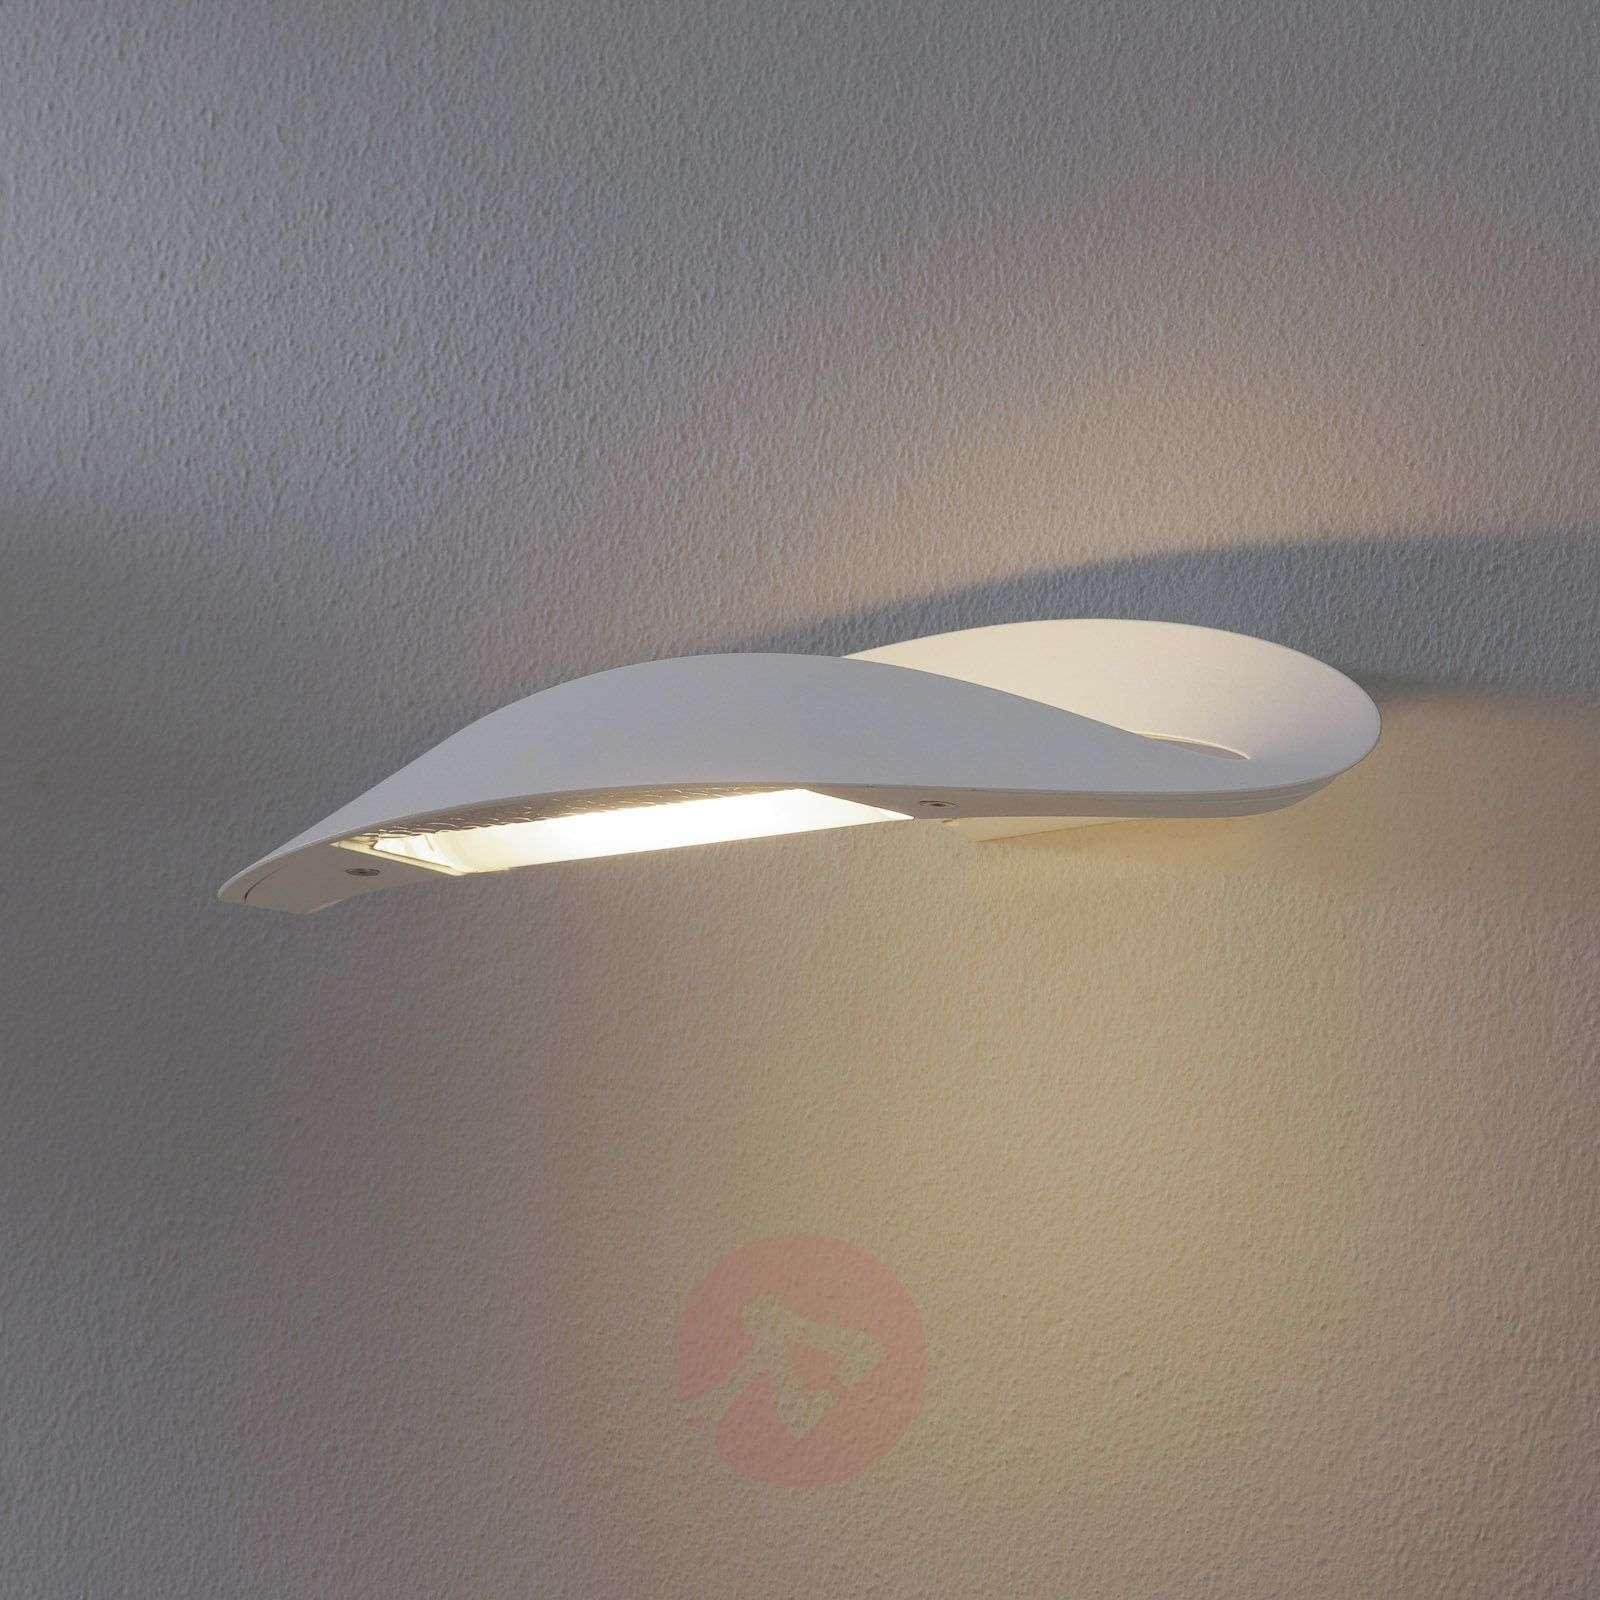 Mesmeri designer wall light, white-1060008-01